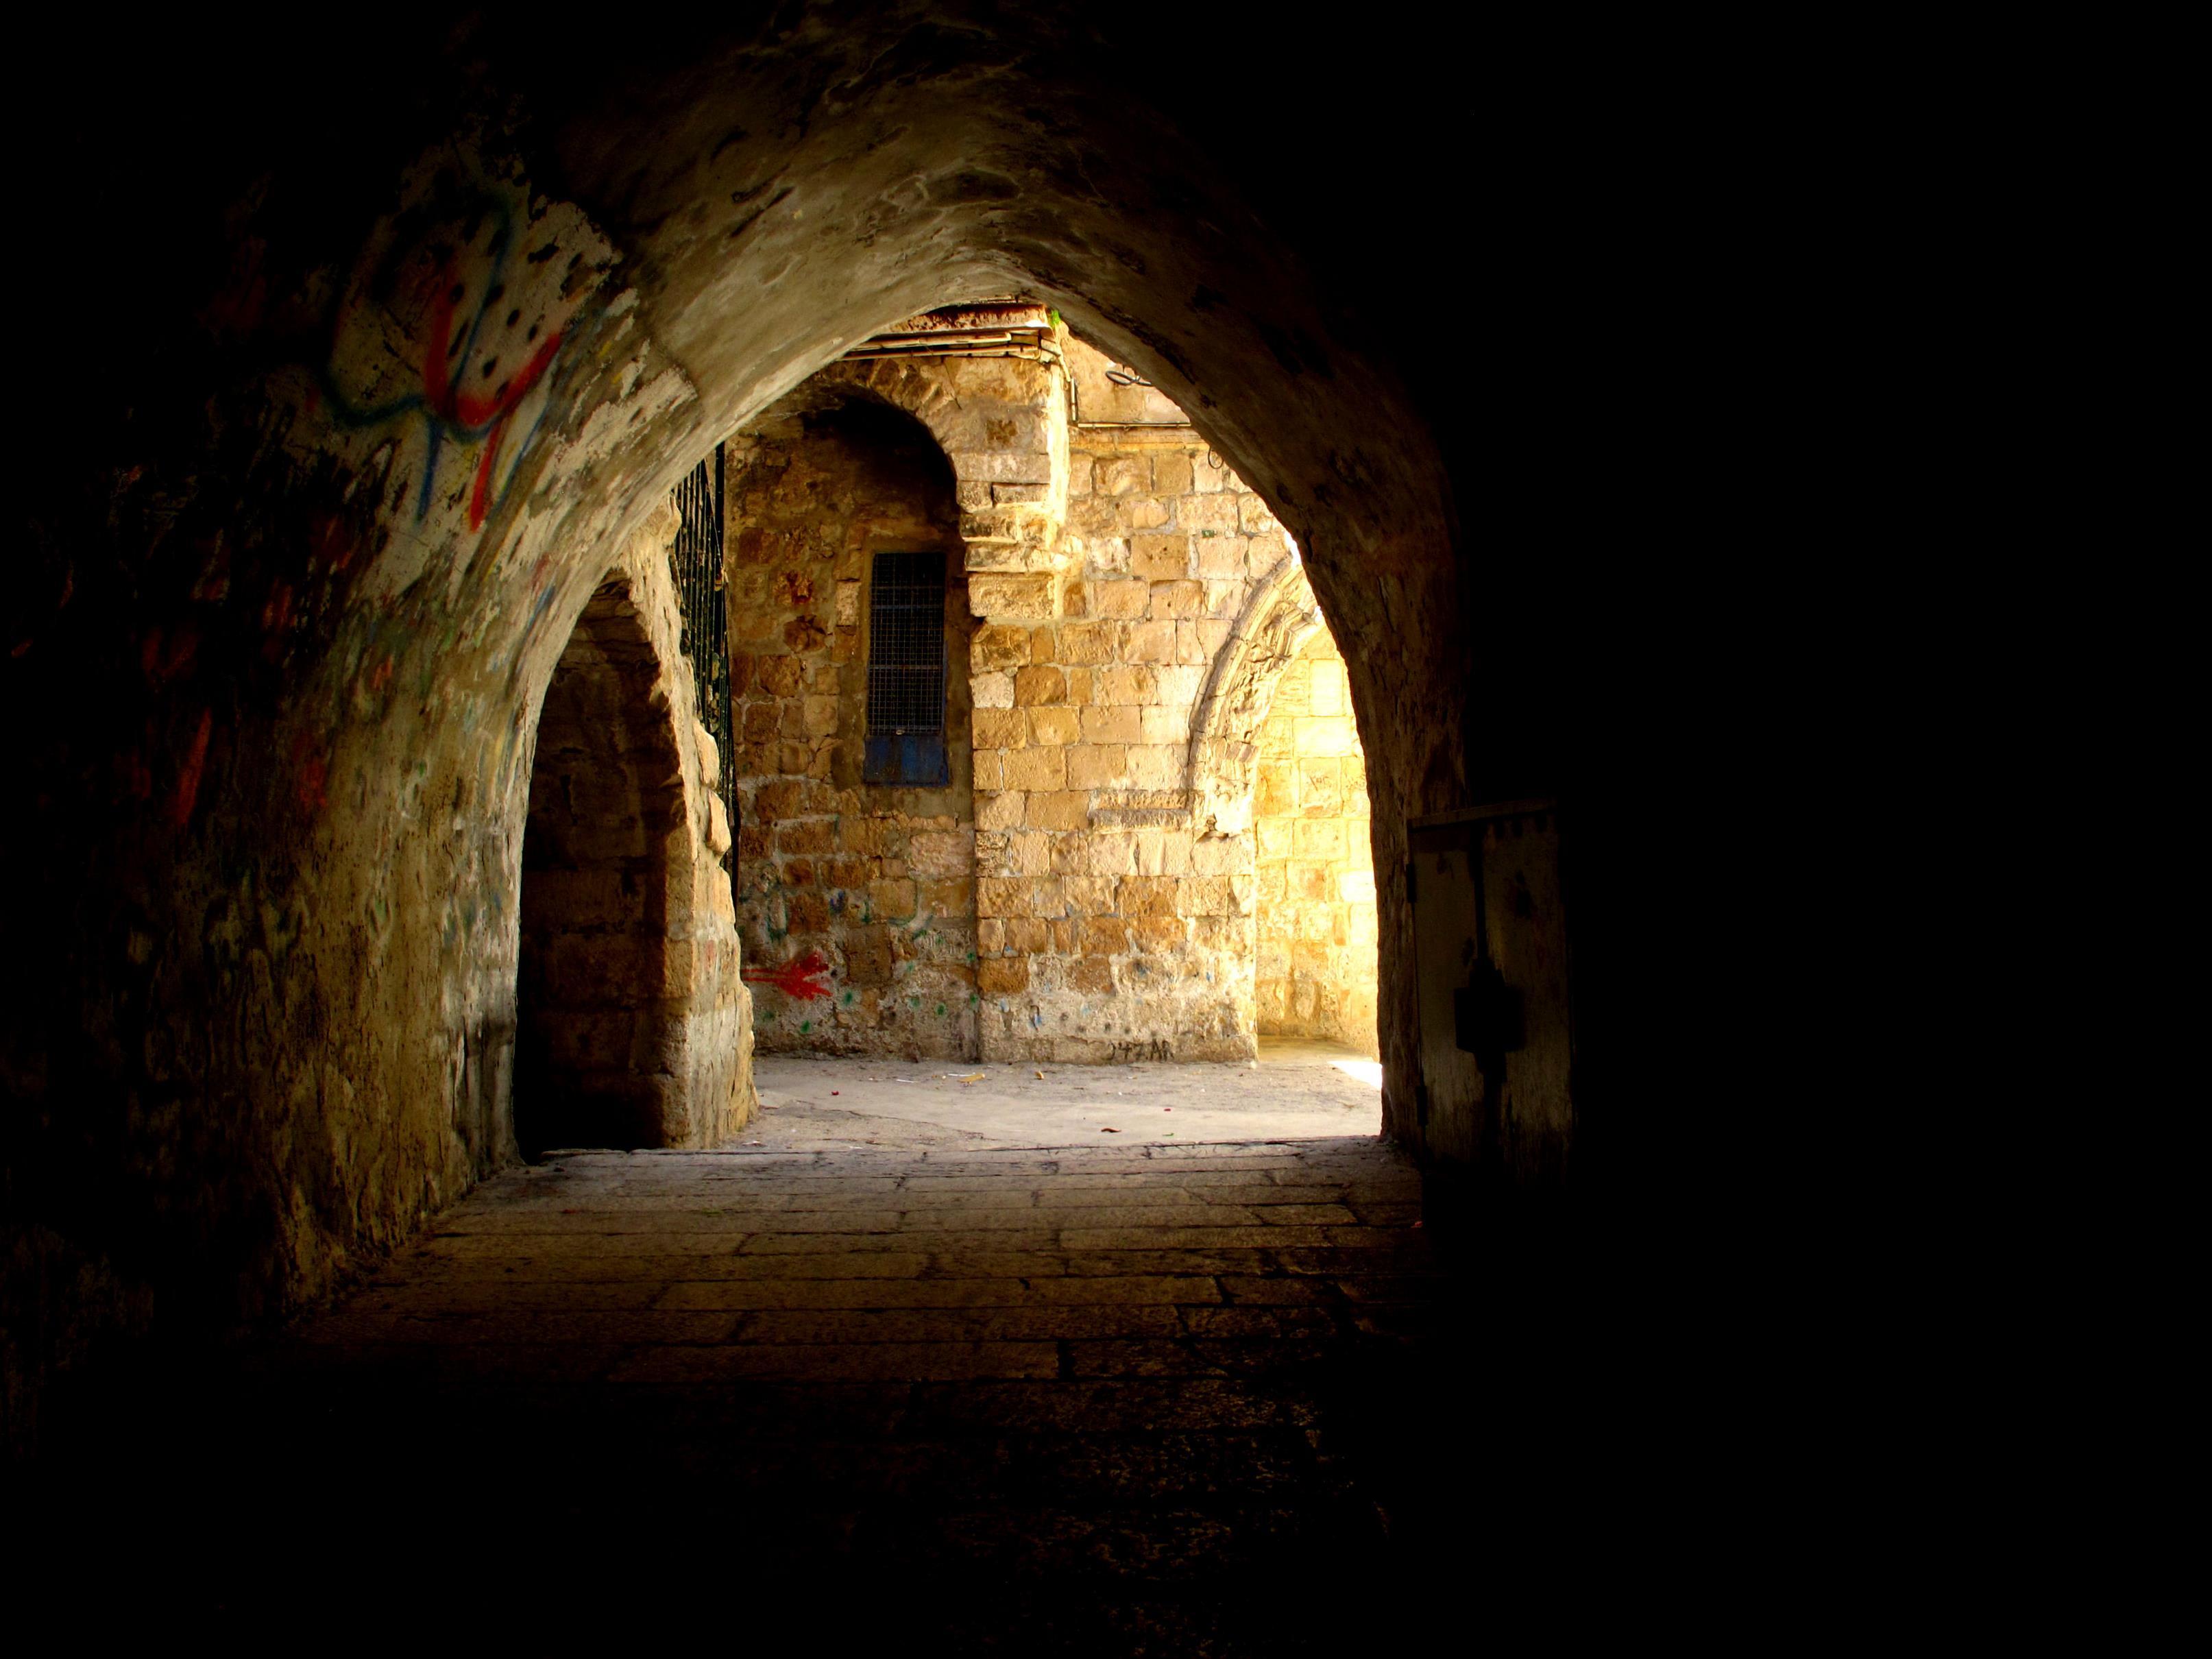 Wallpaper : Israel, Jerusalem, oldcity, alley, arch ...